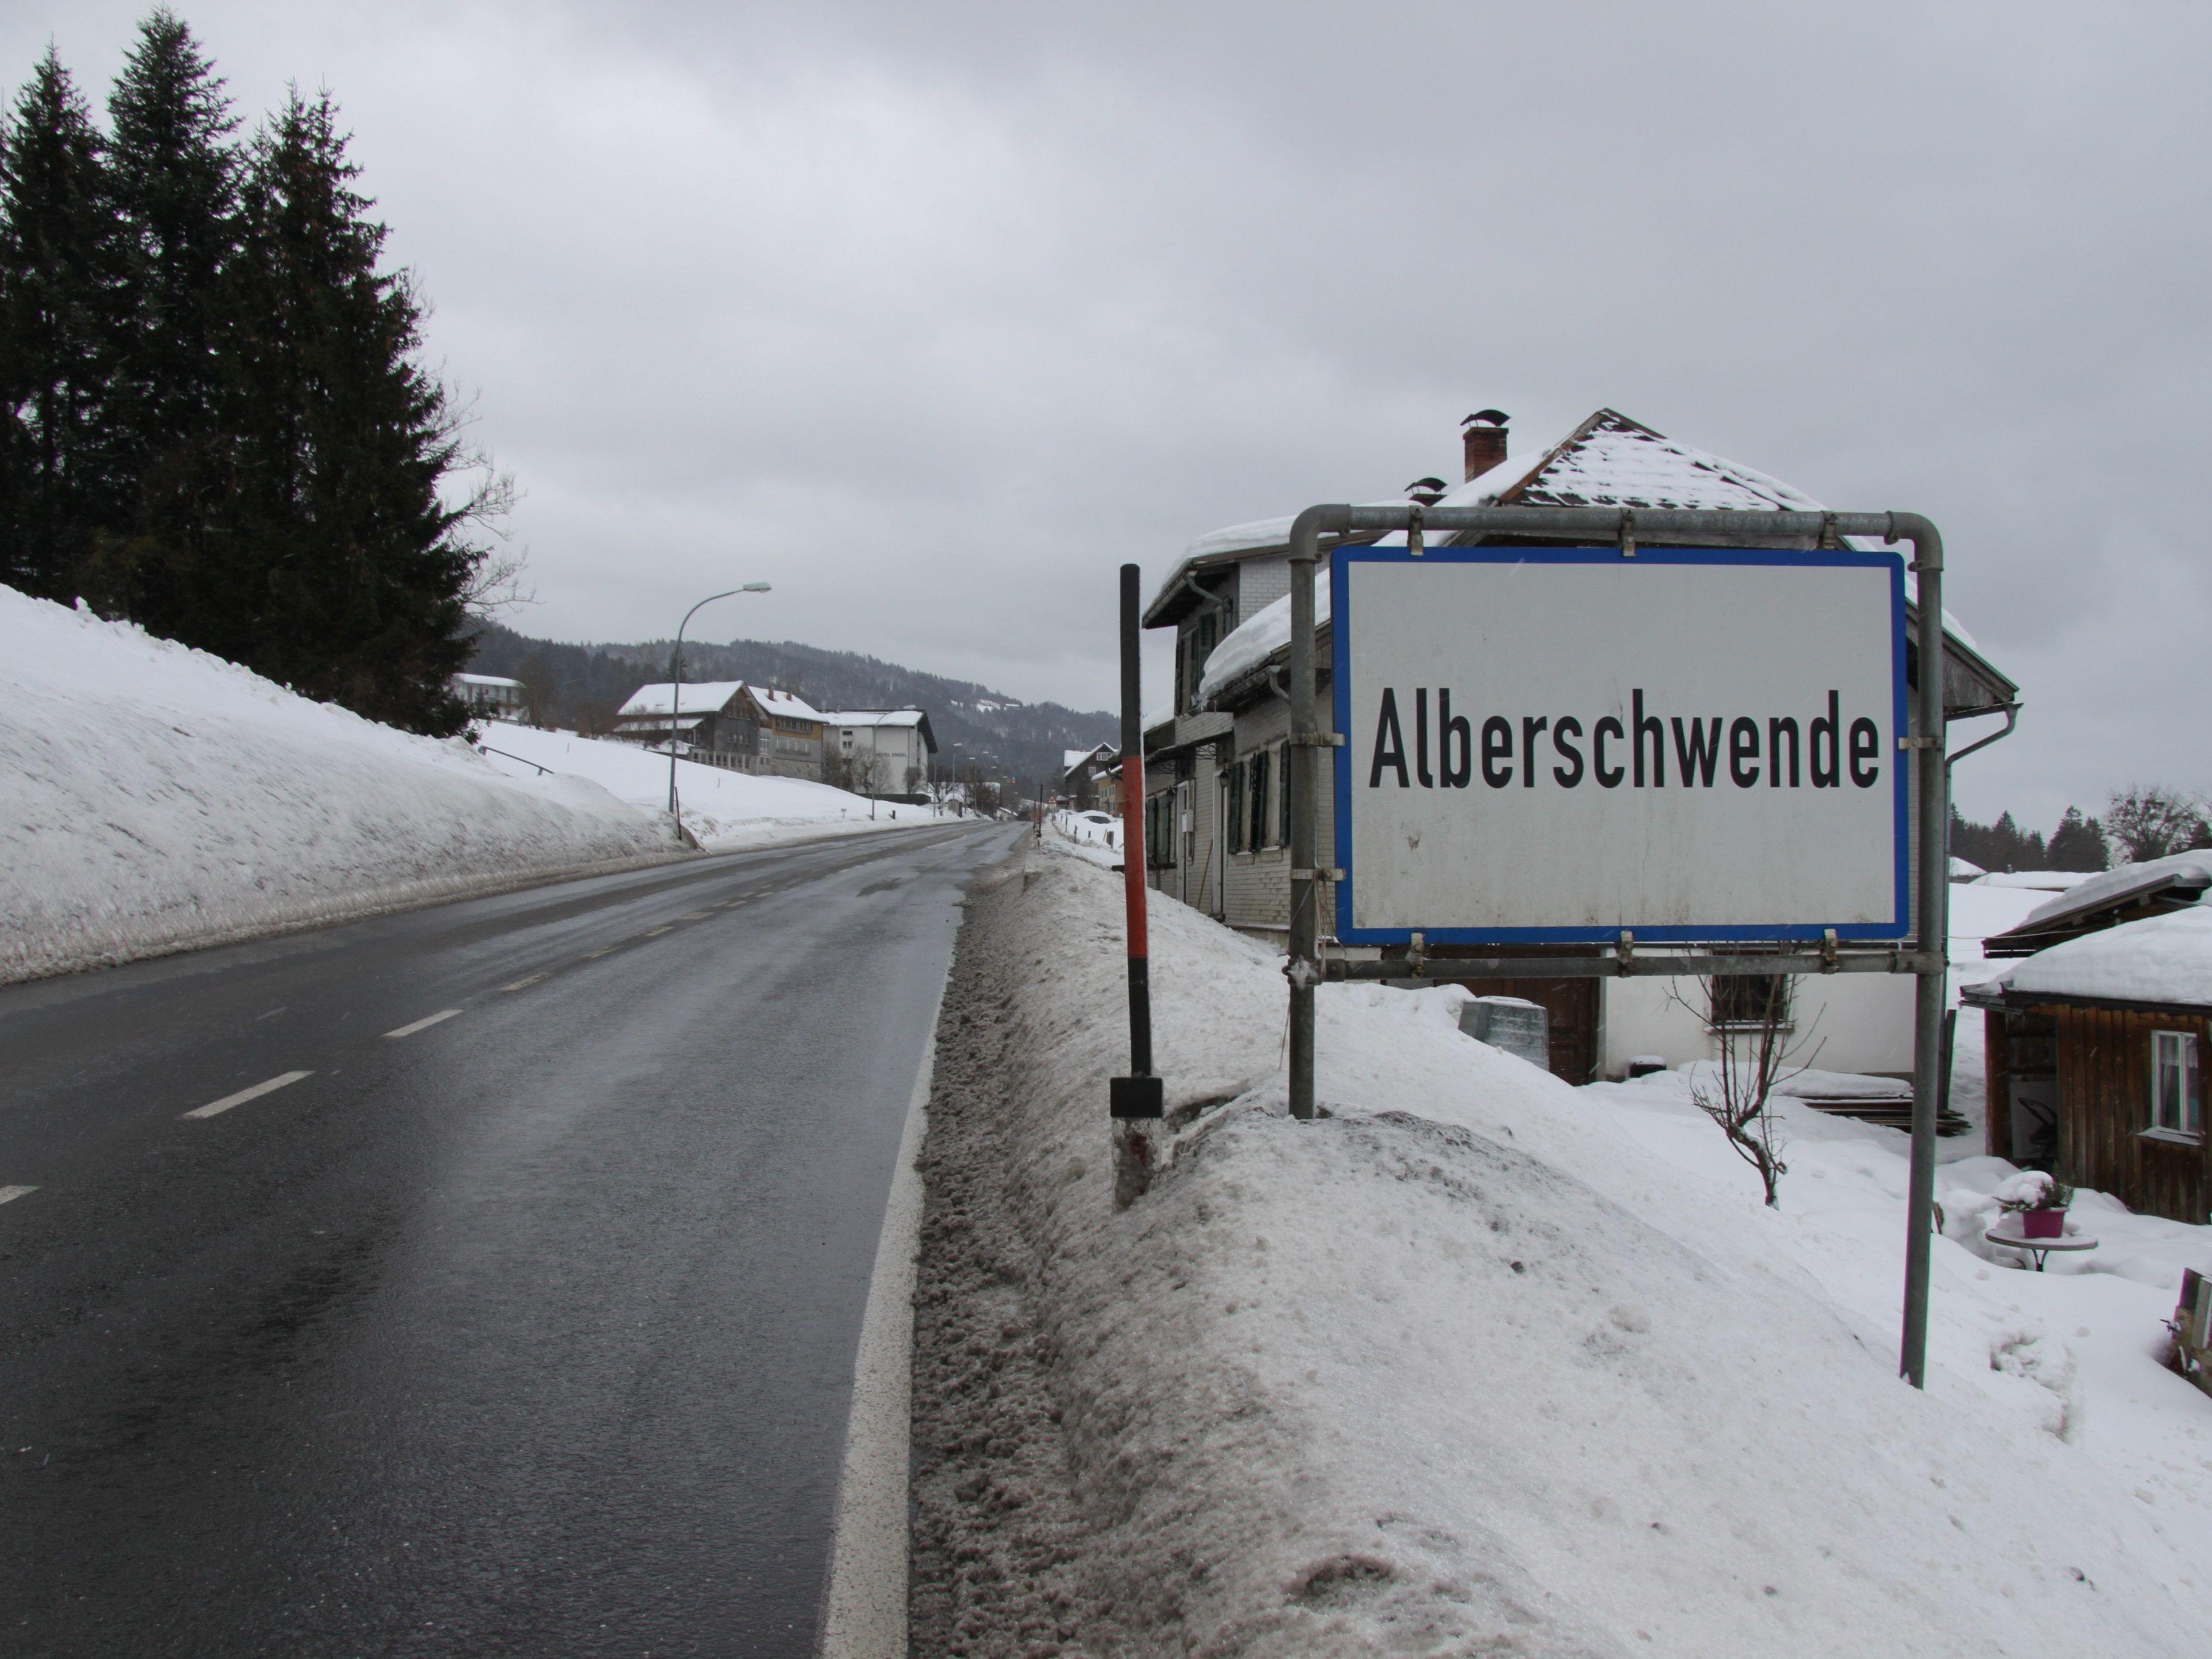 Drei Verletzte bei Pkw-Kollision in Mselbach - Alberschwende